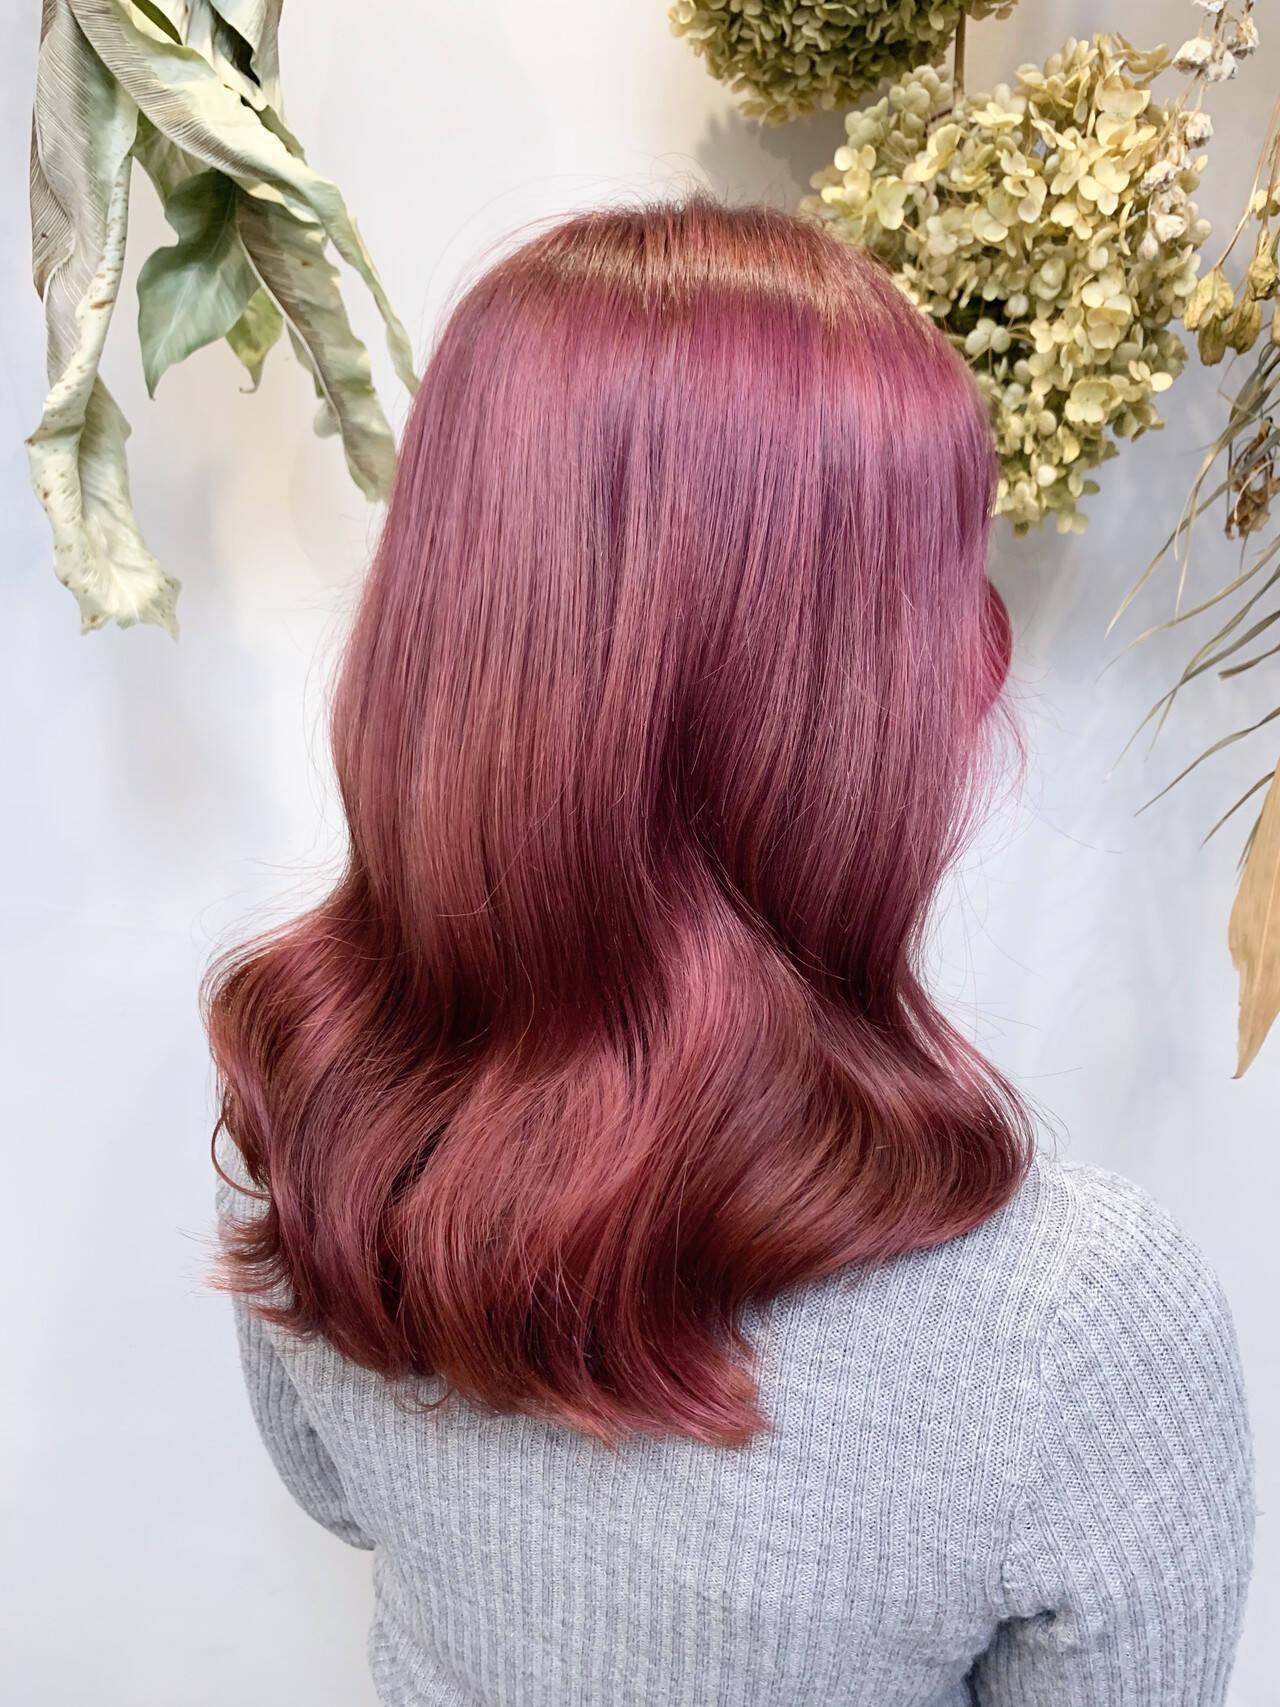 ベリーピンク ピンクアッシュ ピンクパープル ピンクヘアスタイルや髪型の写真・画像